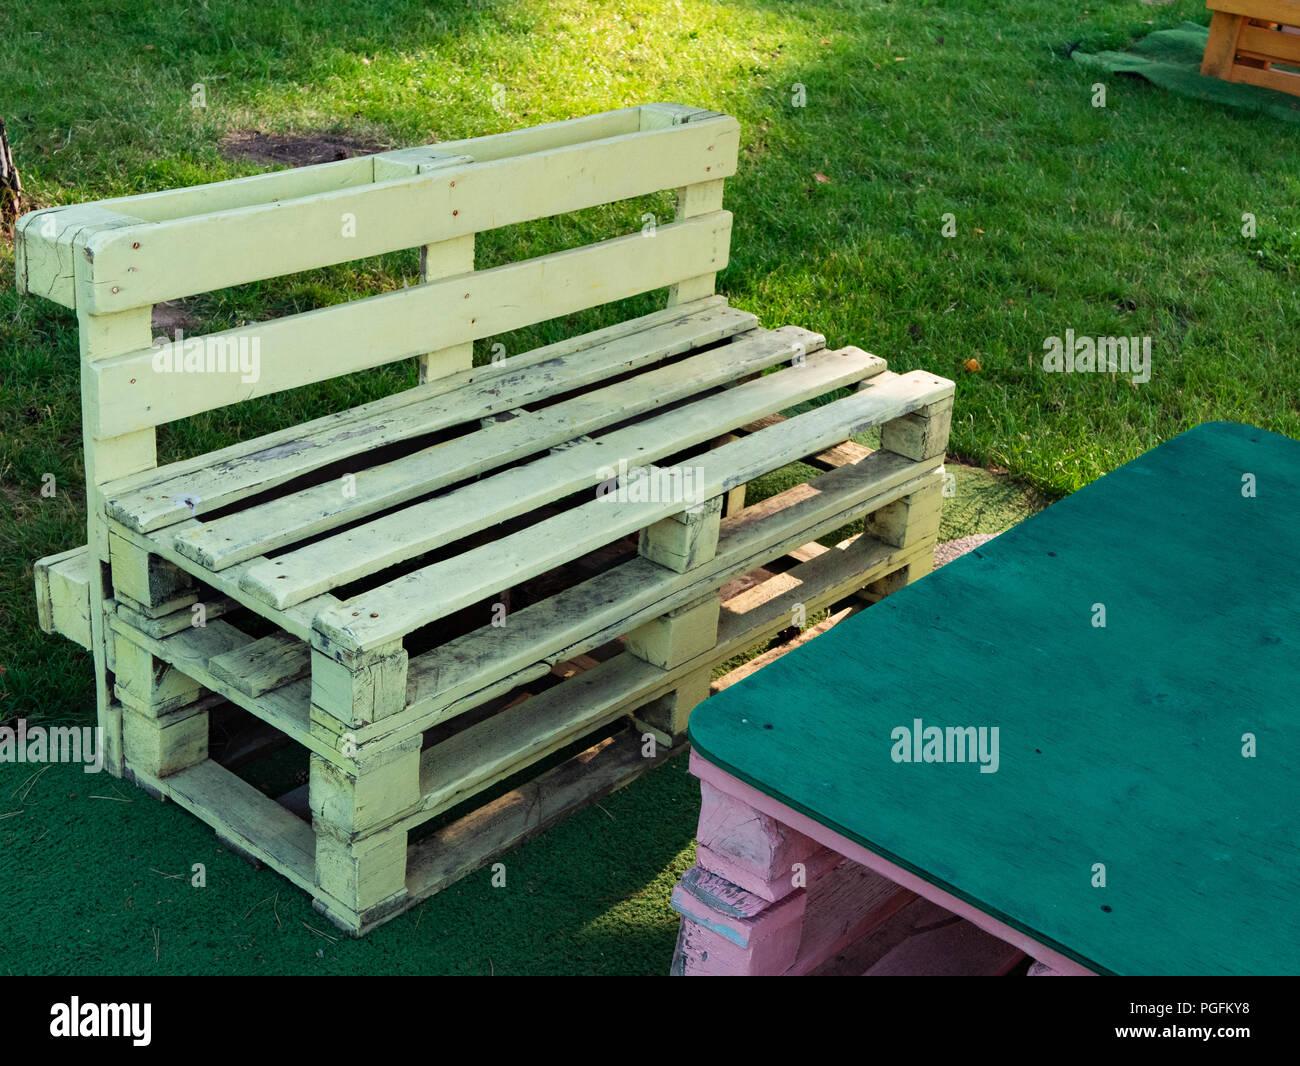 https www alamyimages fr gros plan de palette en bois canape style loft au cafe de campagne salon chill out vous detendre en plein air zone de confort d ete journee ensoleillee image216703852 html